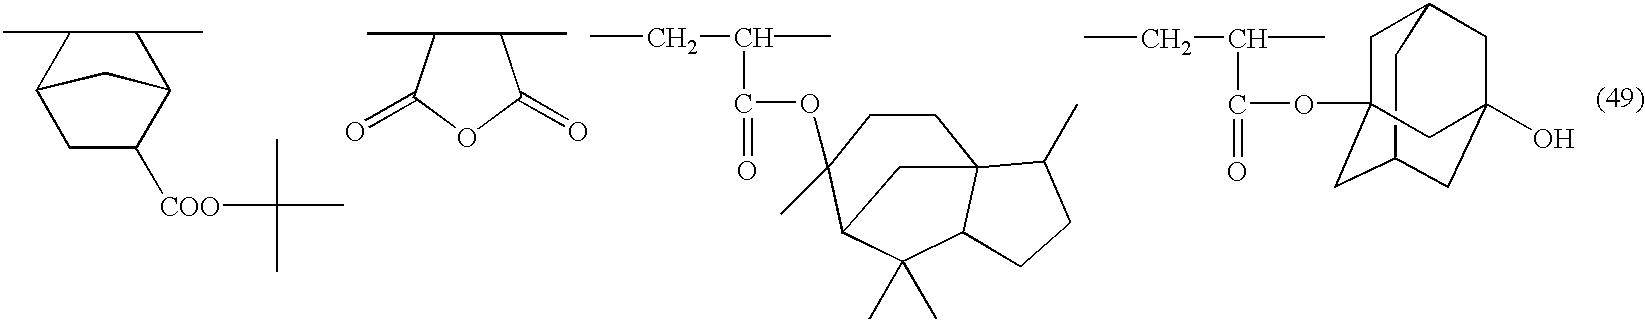 Figure US20030186161A1-20031002-C00167